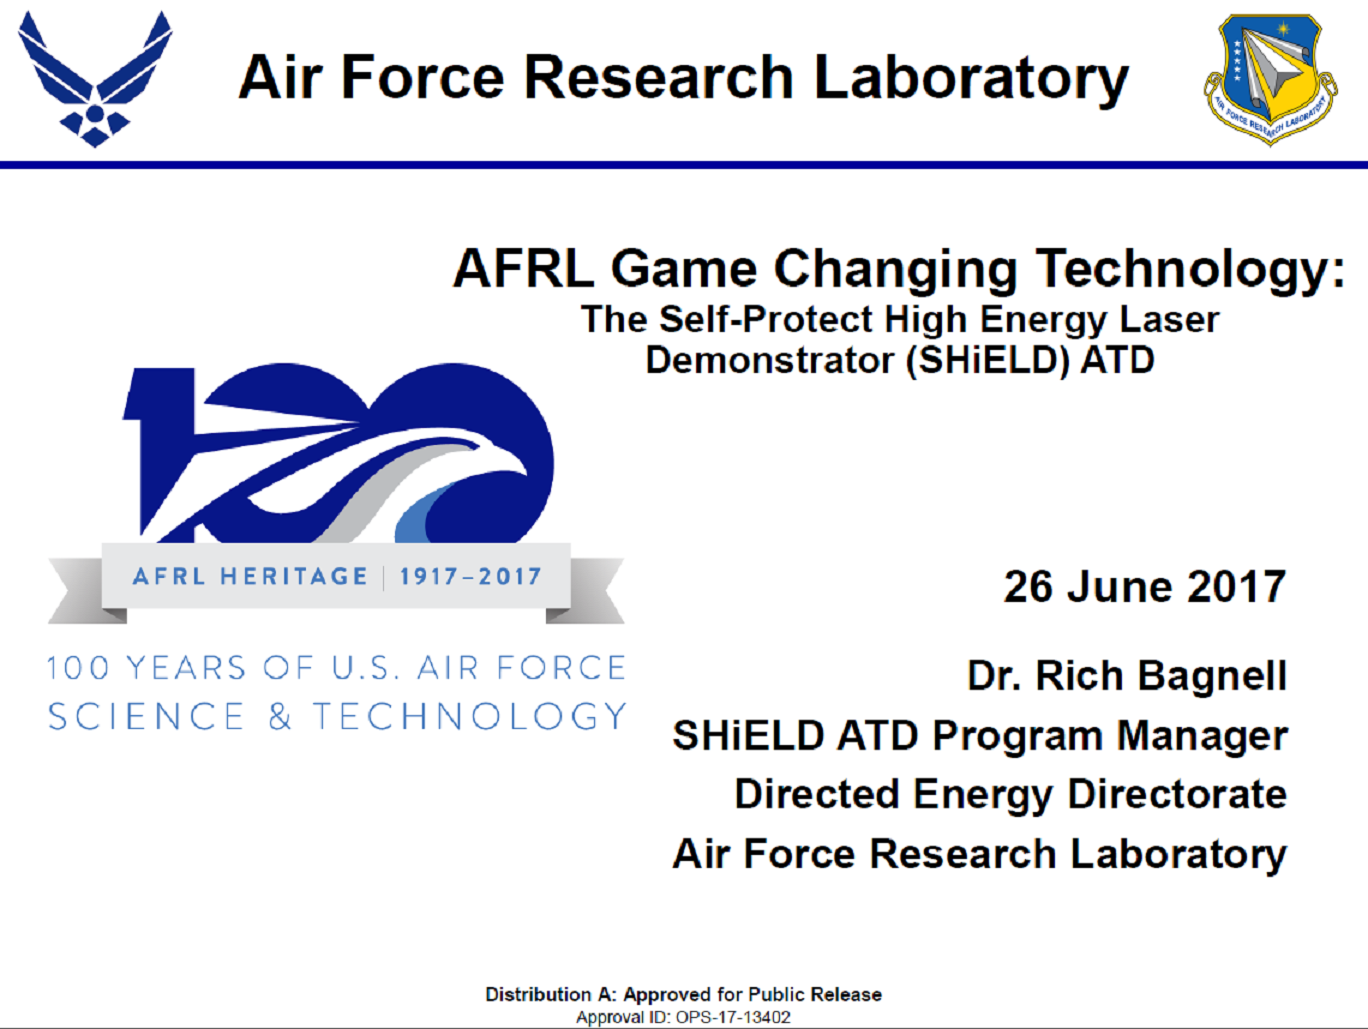 Laser Technologies at AFRL